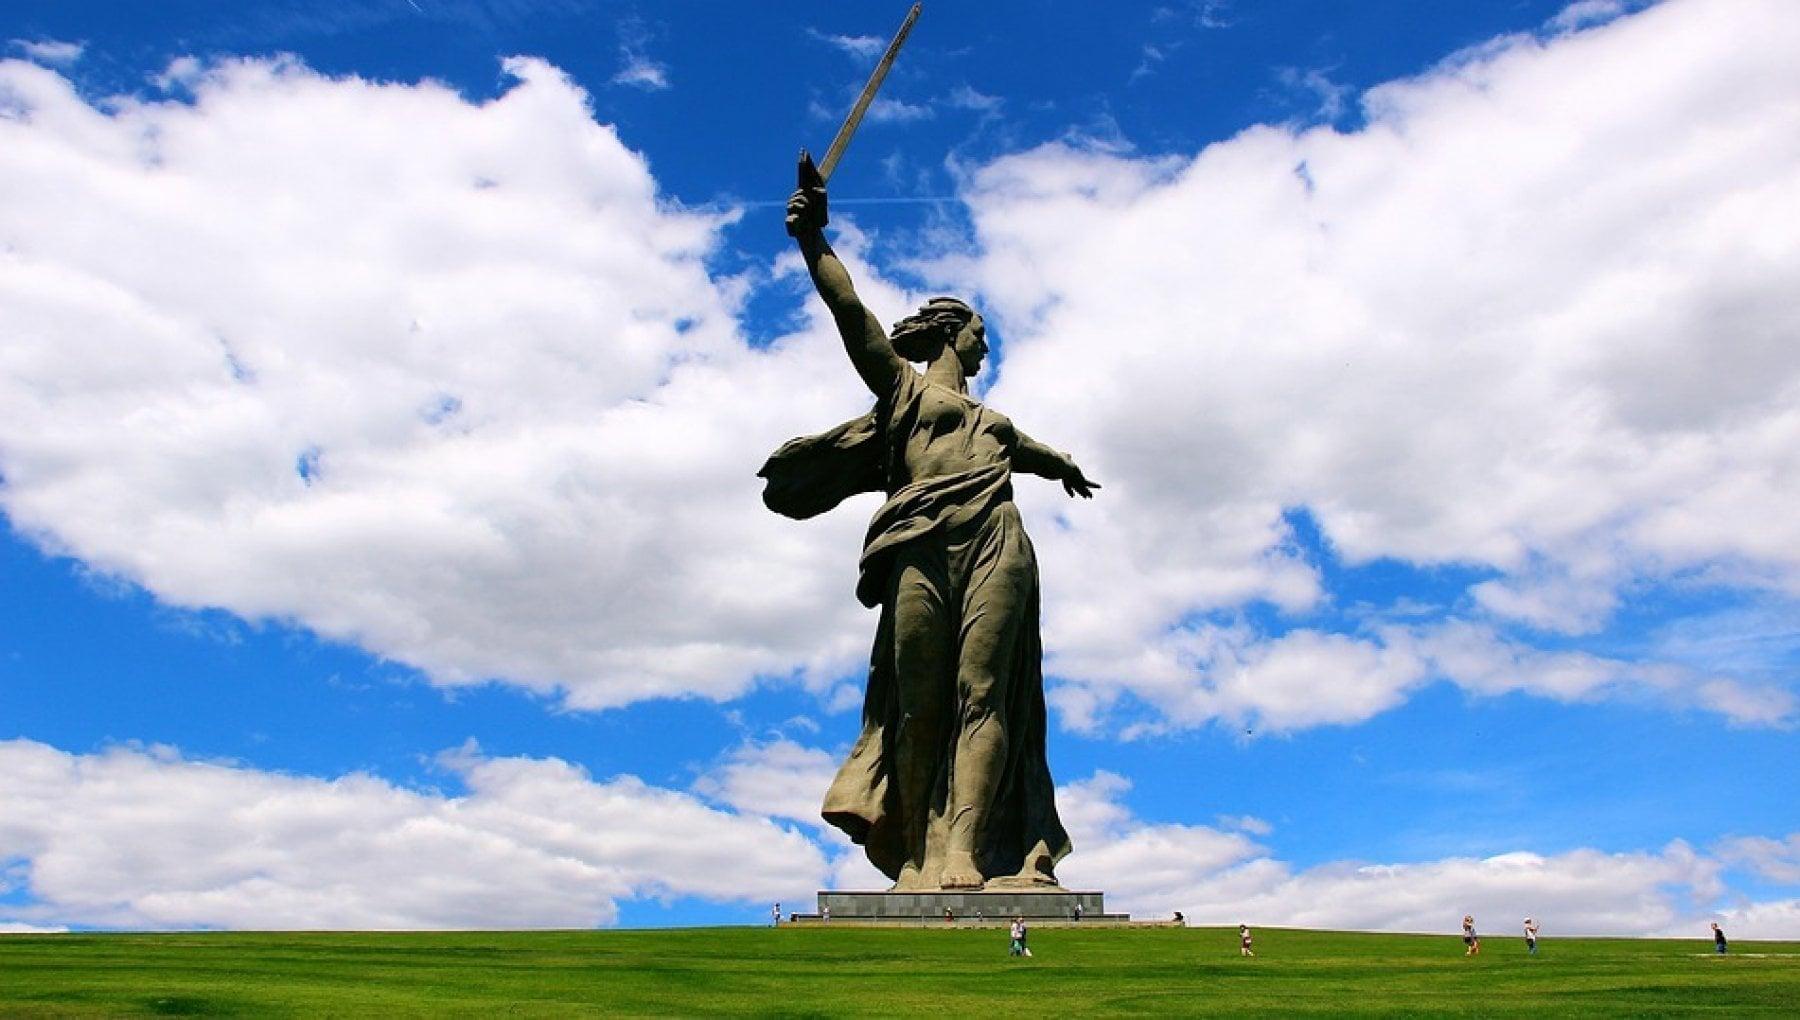 """124550647 9e80e44c 4700 4461 8f76 c919f44fce70 - """"Chiamiamola di nuovo Stalingrado"""": in Russia la sfida per ripristinare il nome sovietico di Volgograd"""